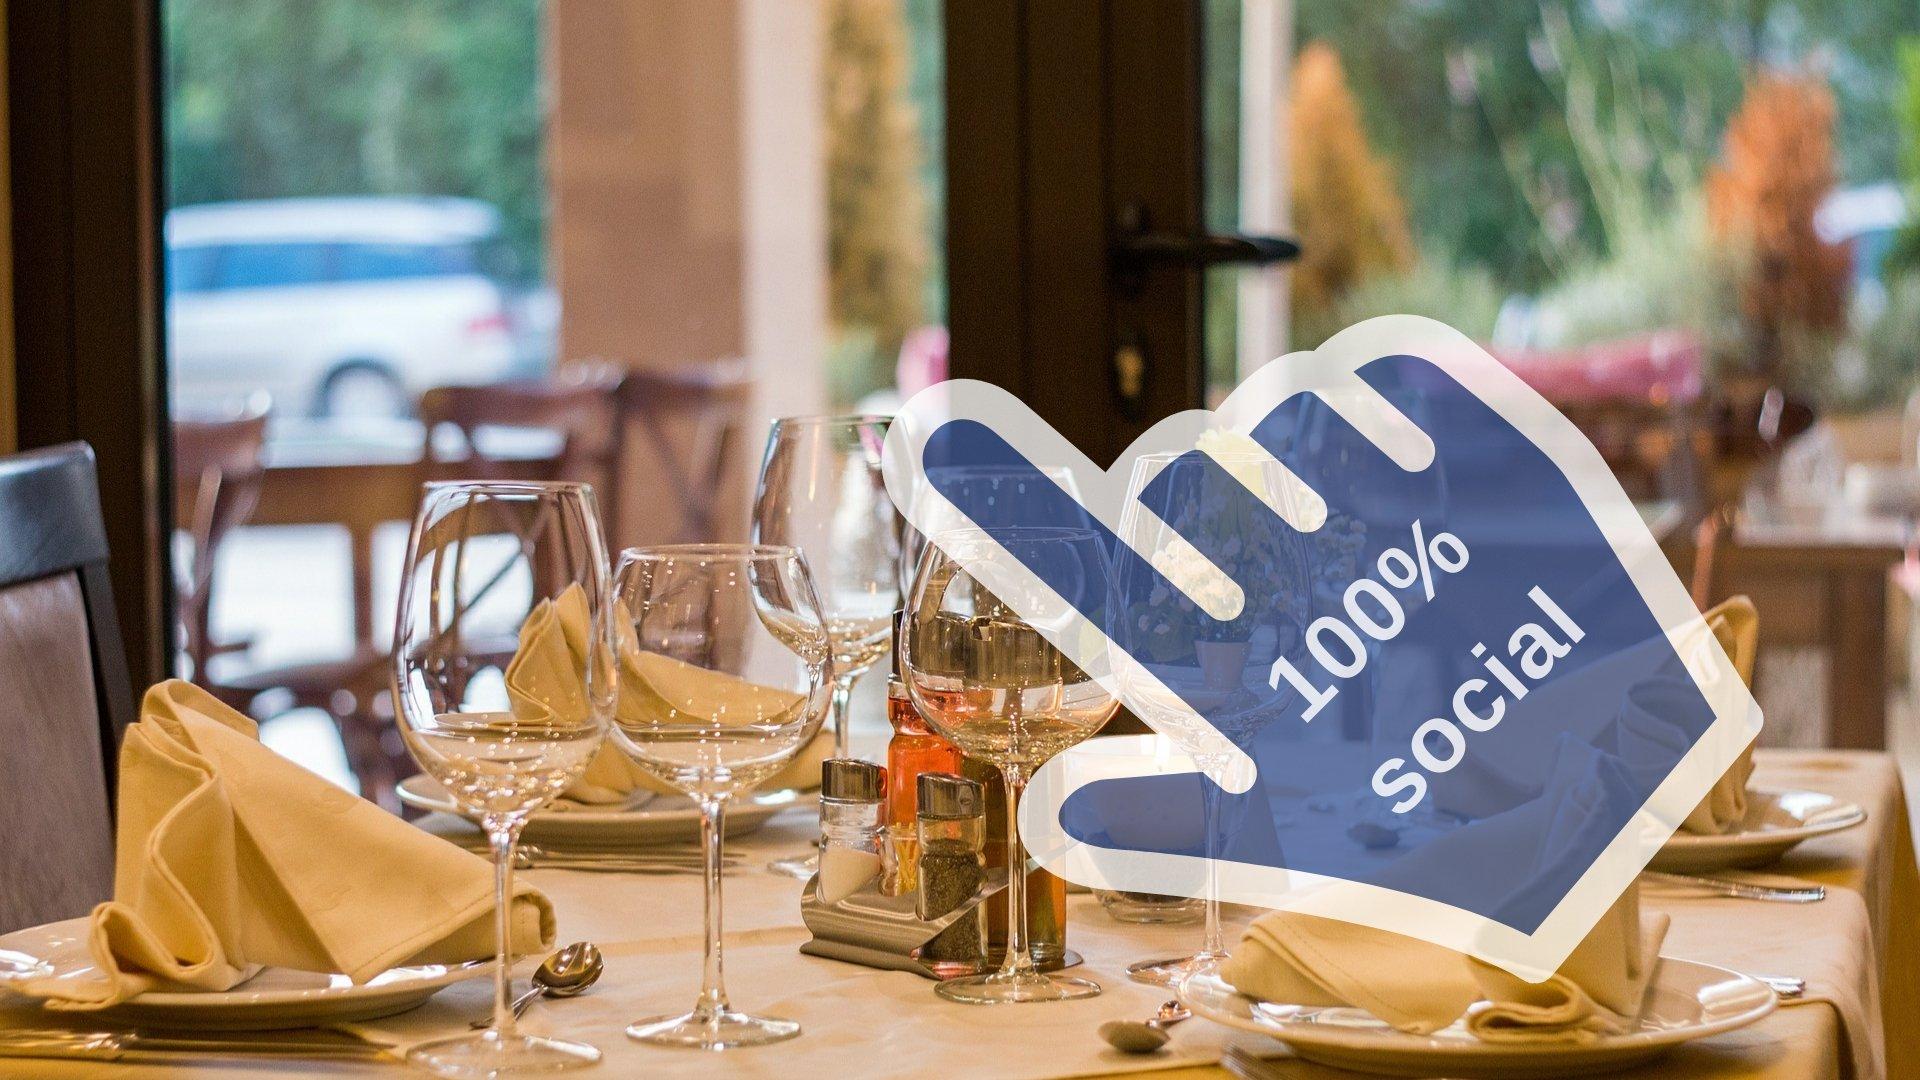 le immagini del tuo ristorate sui social